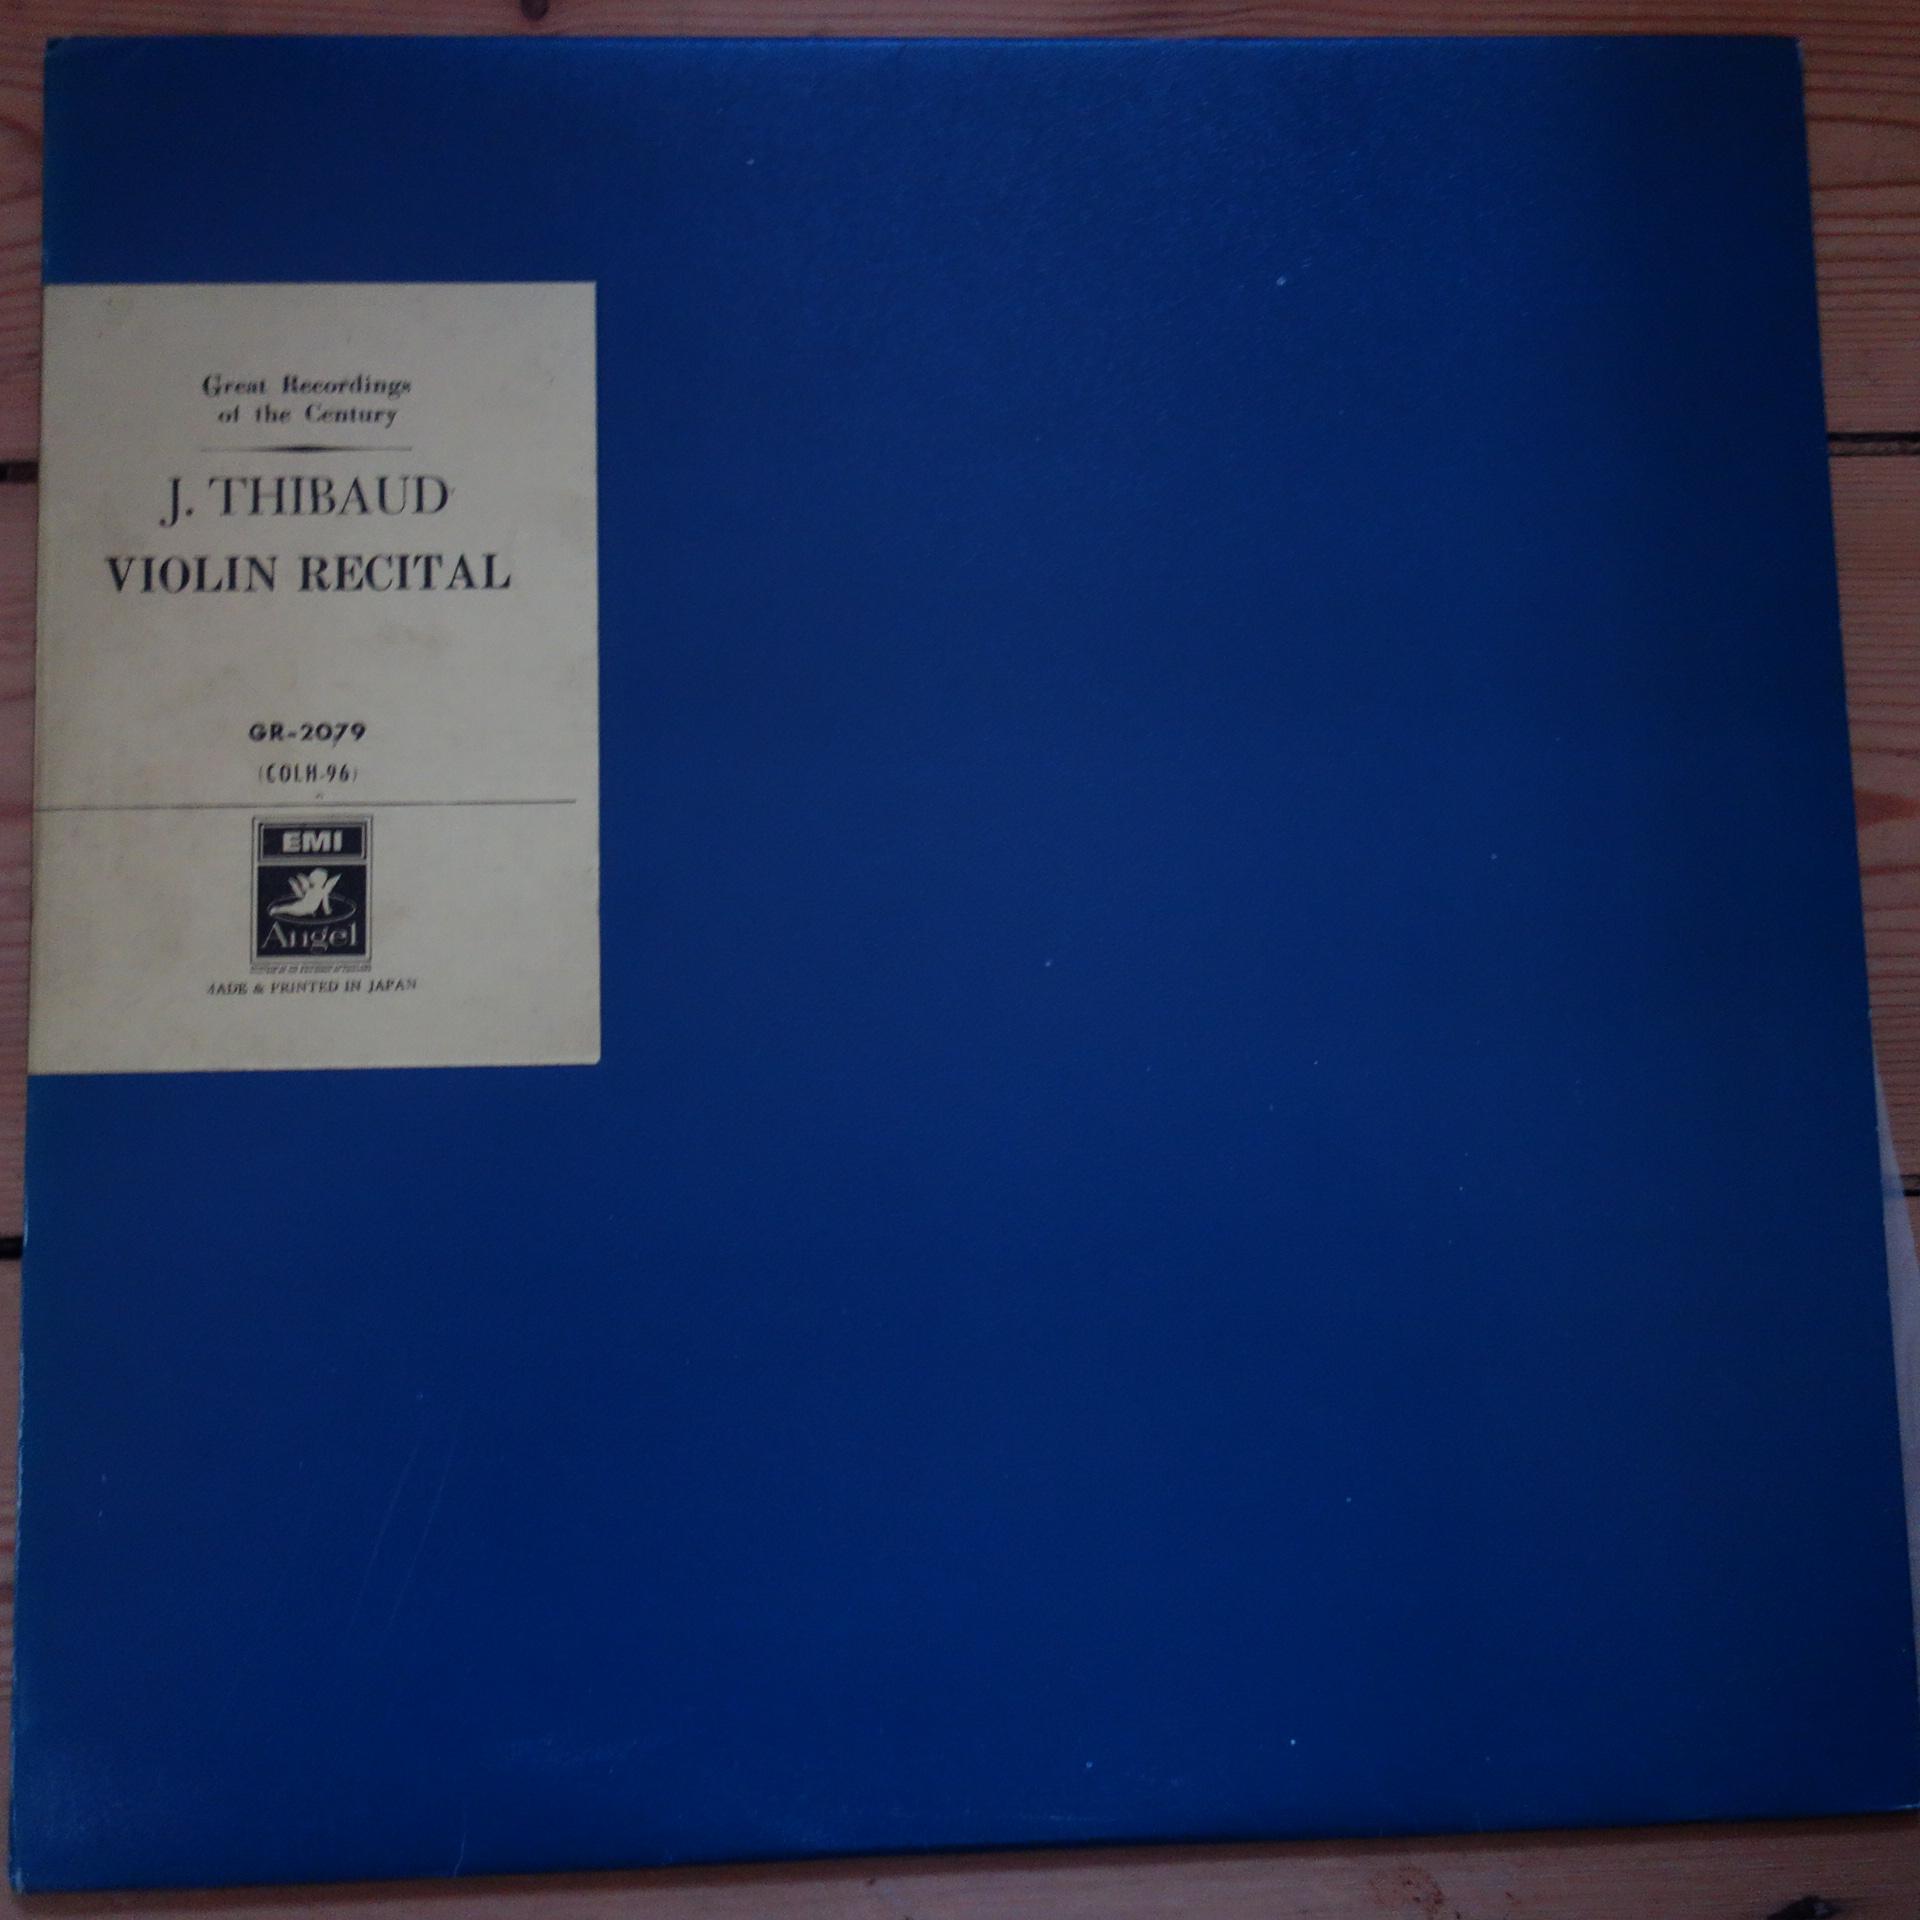 GR 2079 Jacques Thibaud Violin Recital